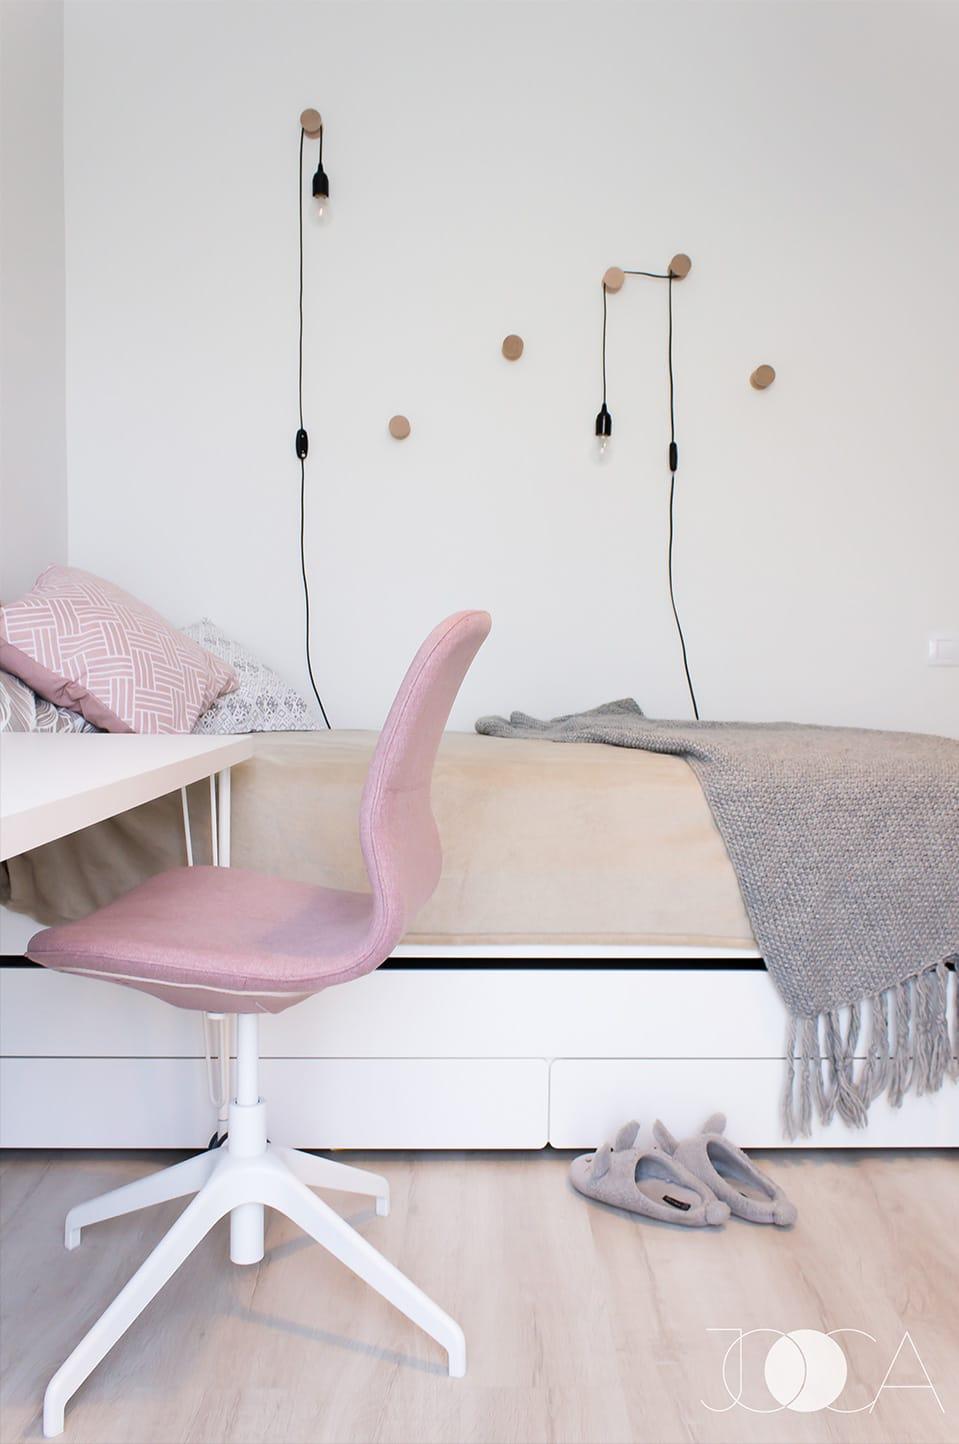 Camera feiteti este luminoasa, cu accente de roz pastelat. Langa pat, am facut un joc din butoni de lemn, pe care am atarnat cateva lampi, perfecte pentru citit.